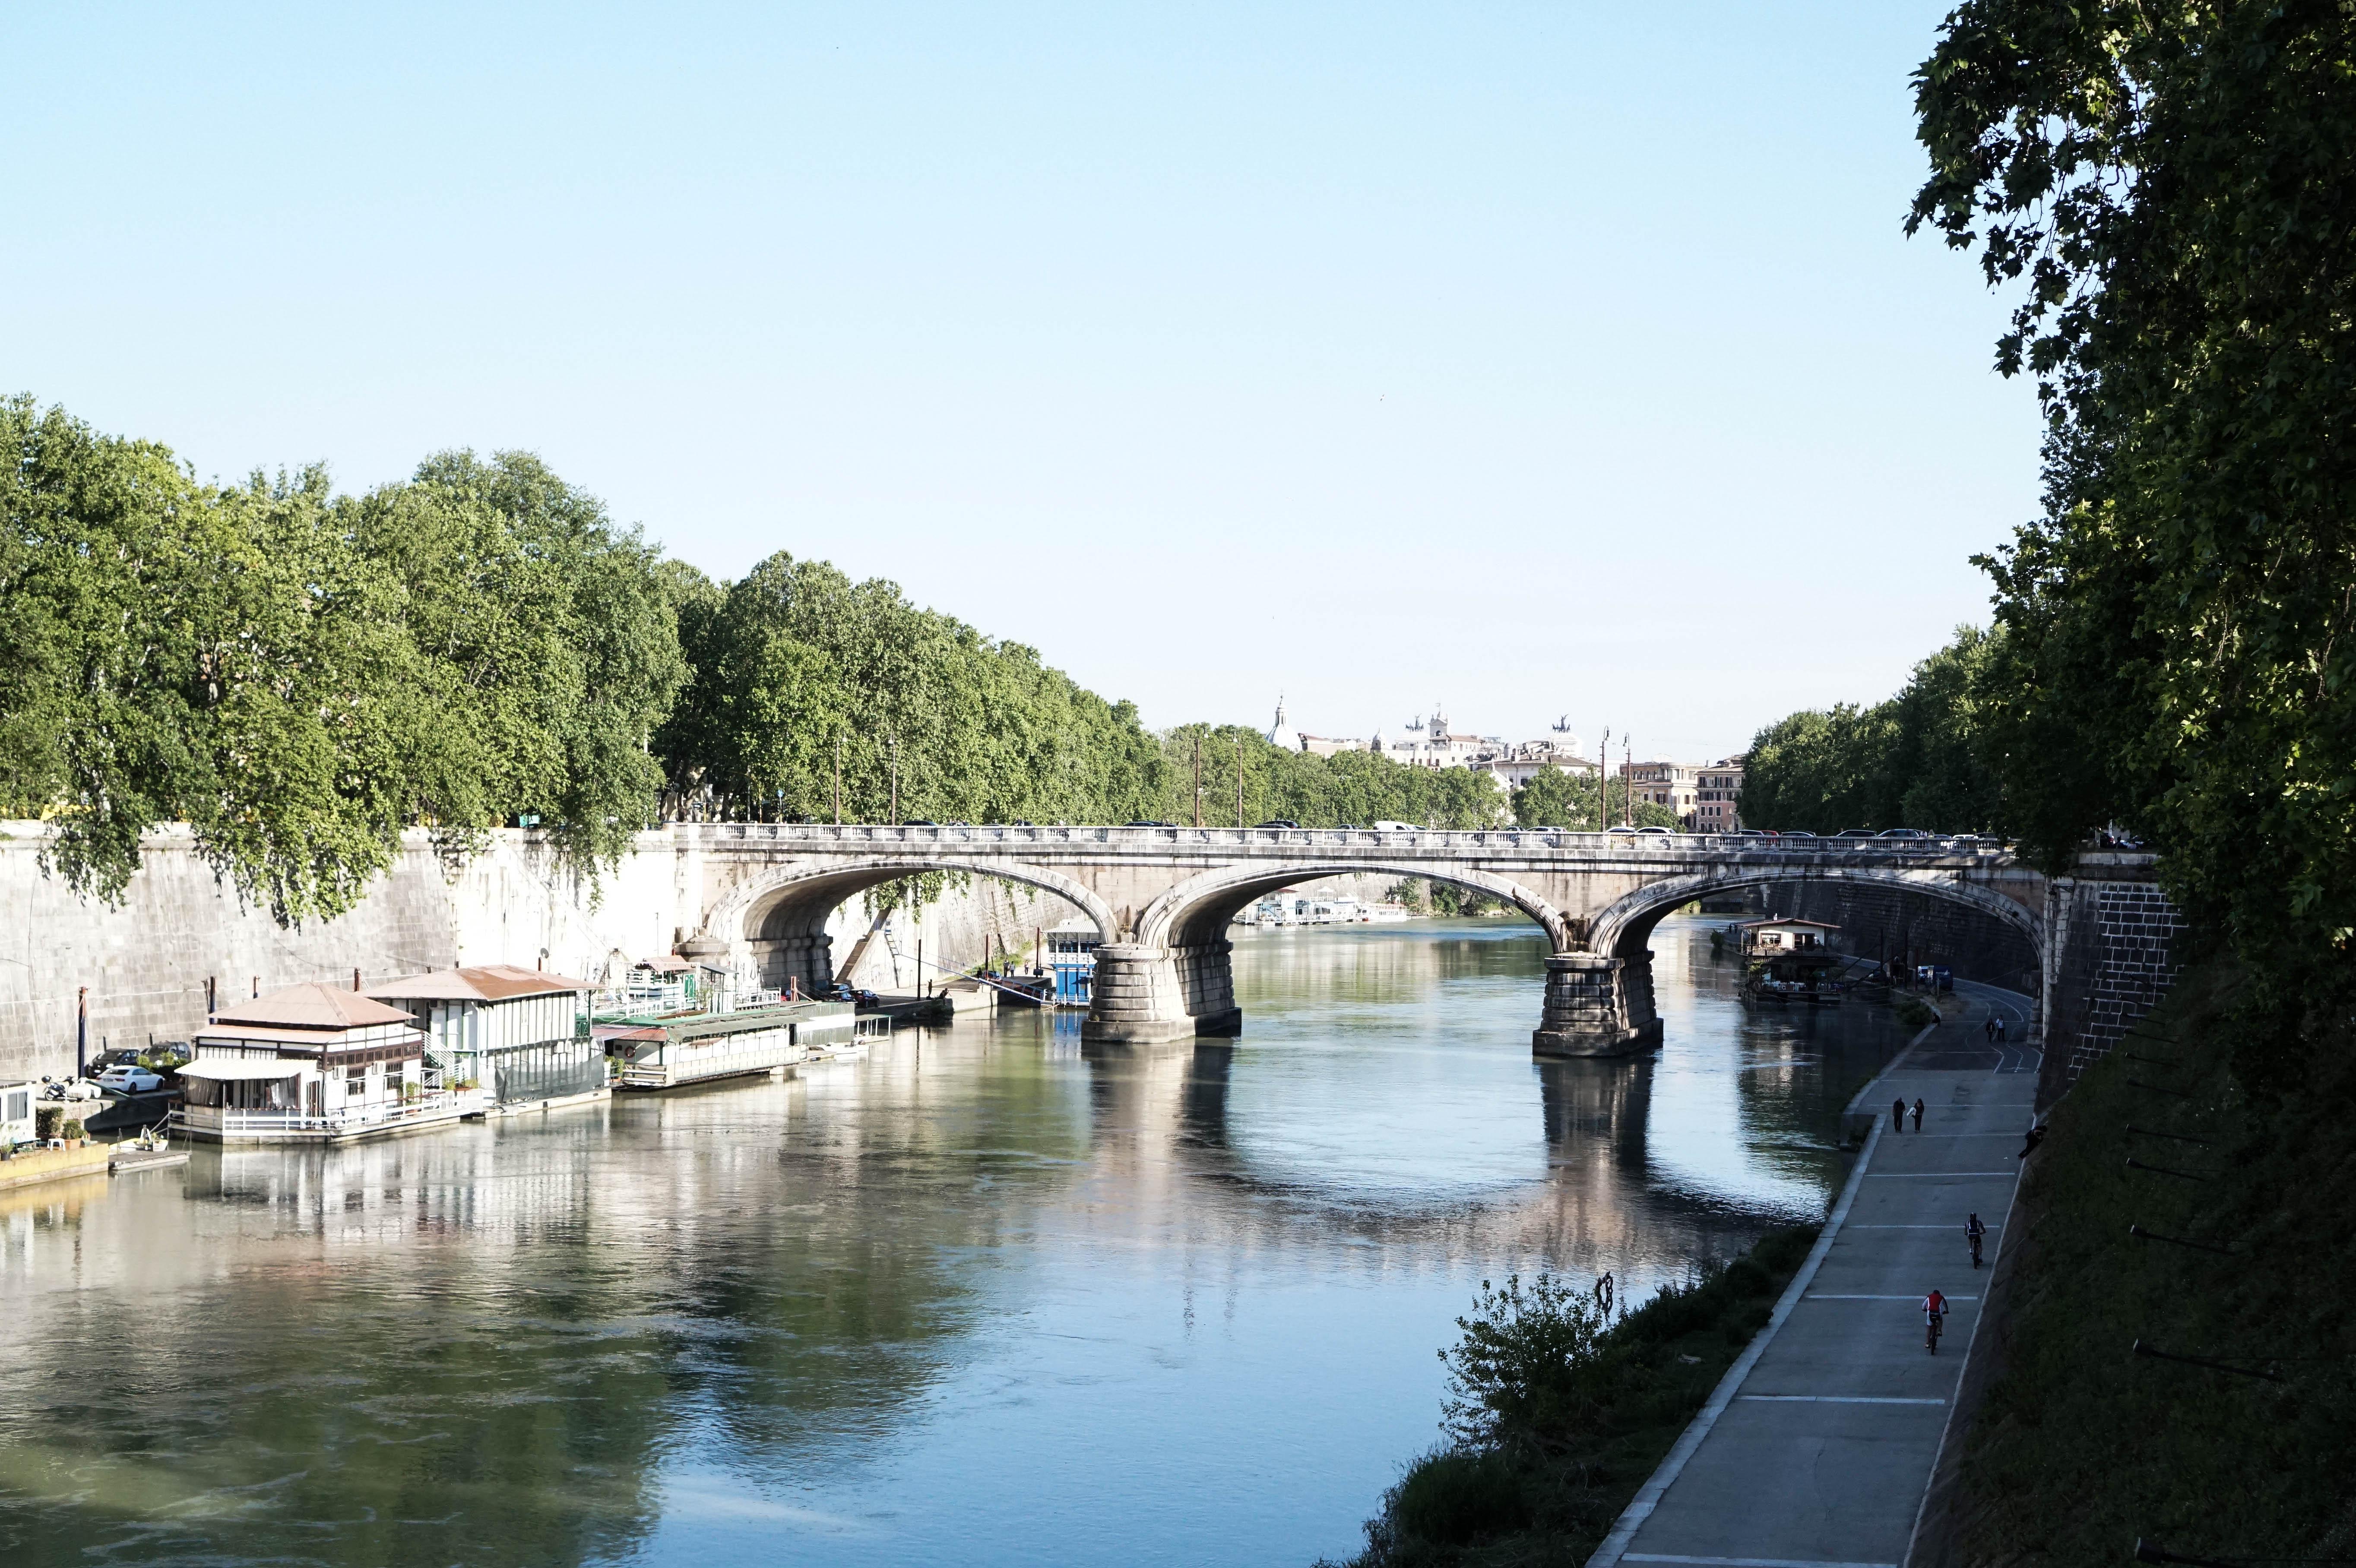 MerCarrie Rzym w 3 dni, czyli rzymskie wakacje w pigułce